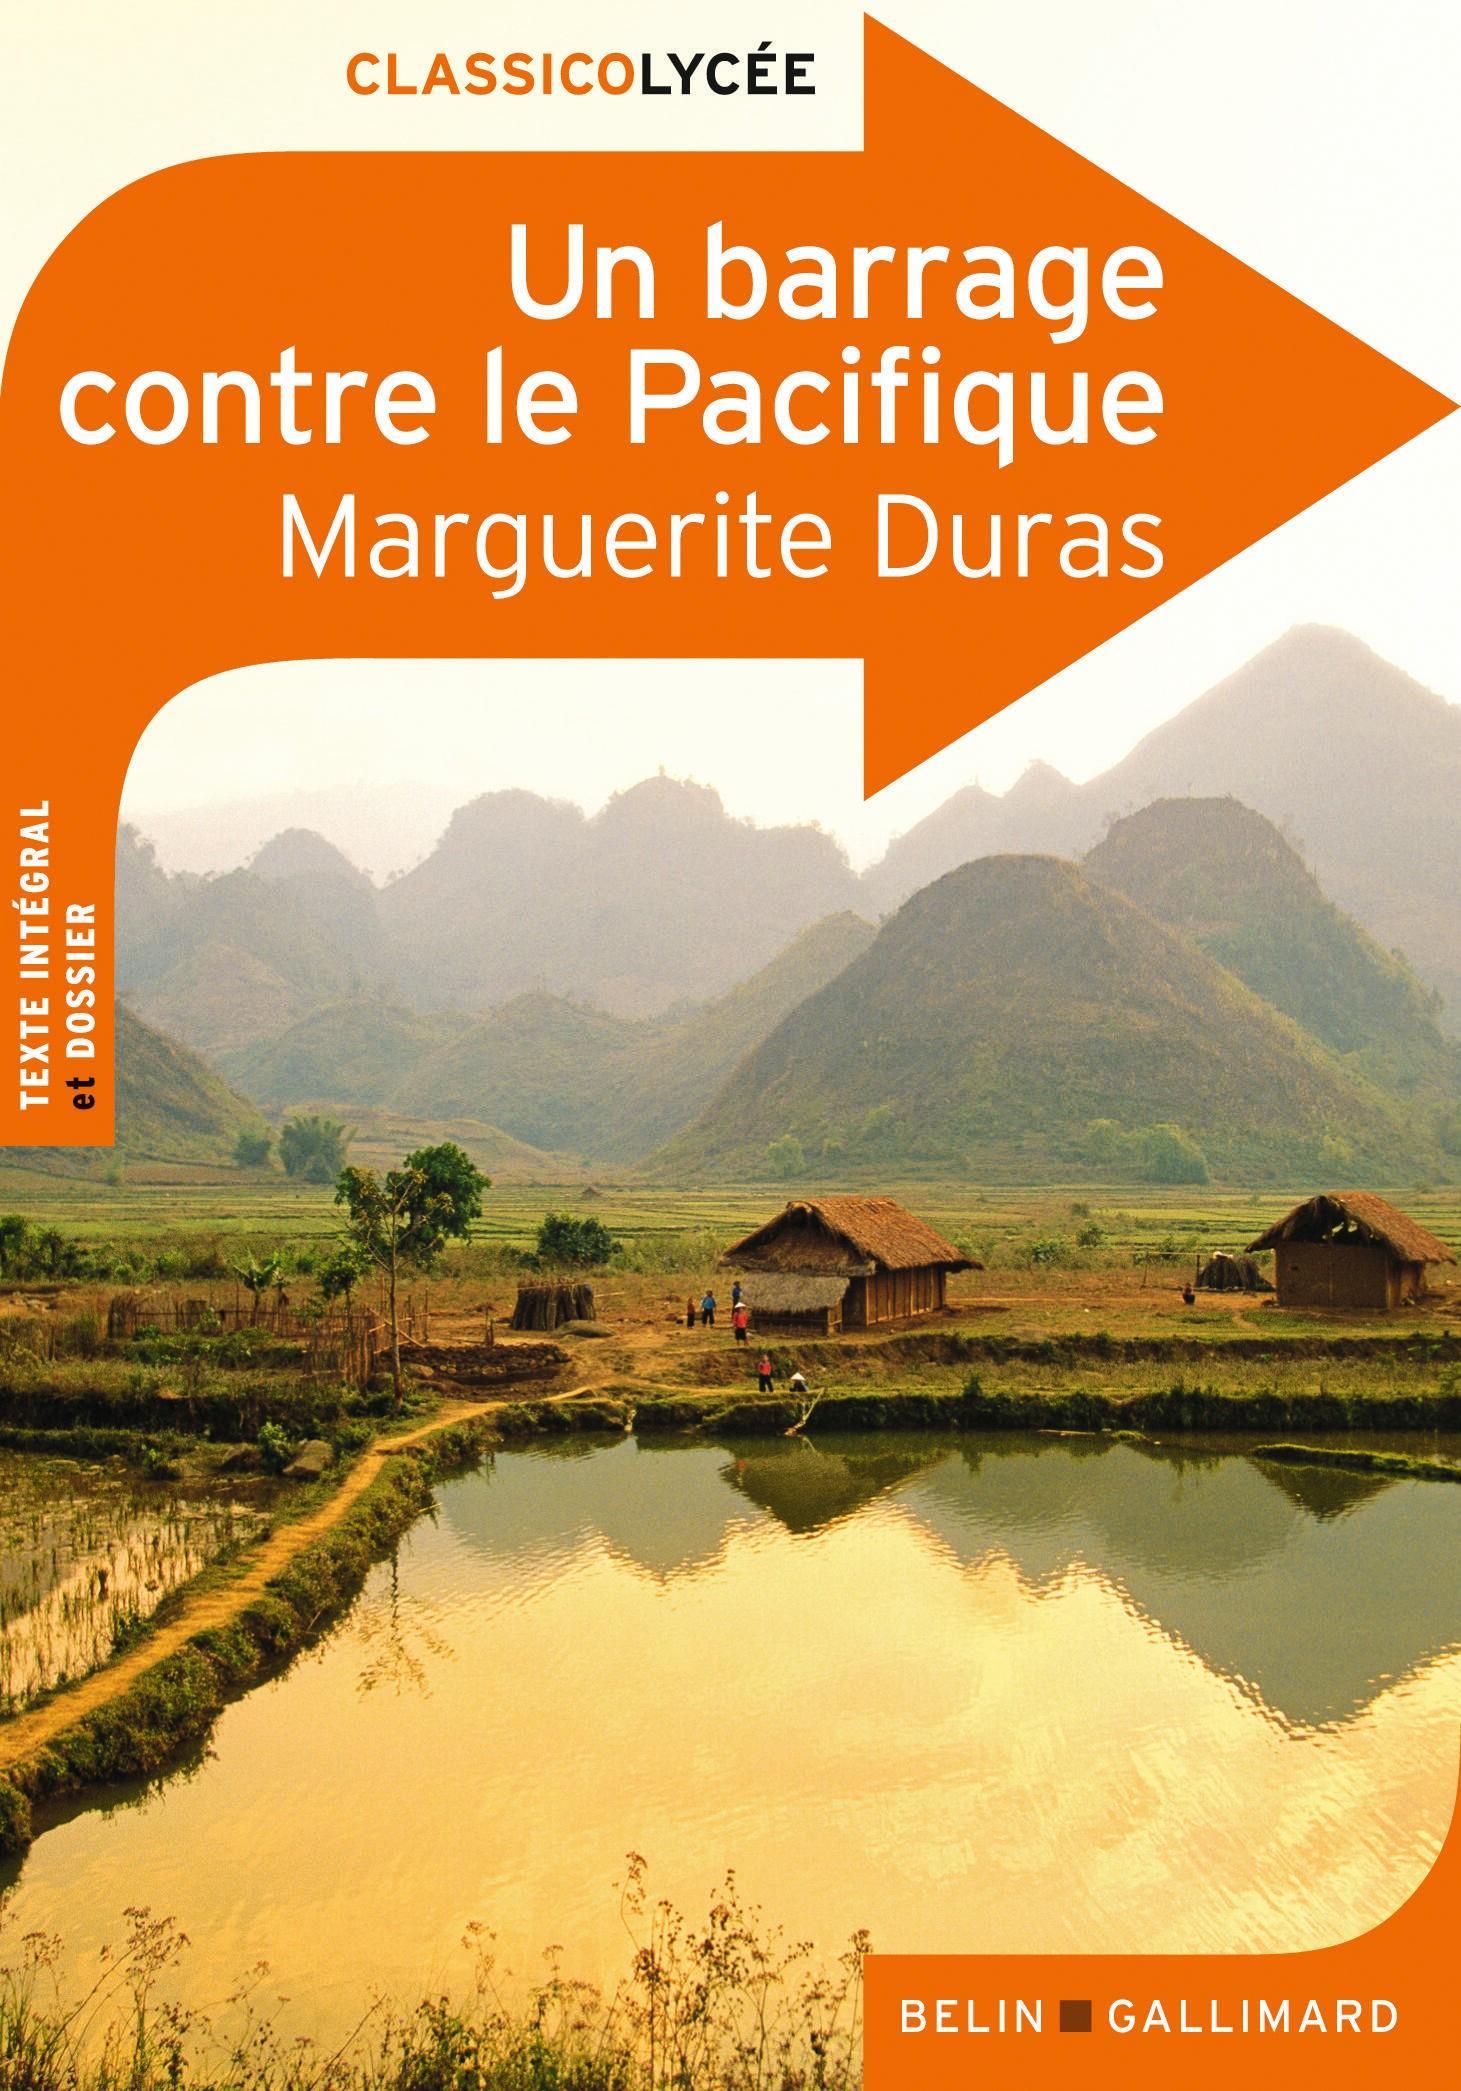 Un barrage contre le Pacifique Marguerite Duras